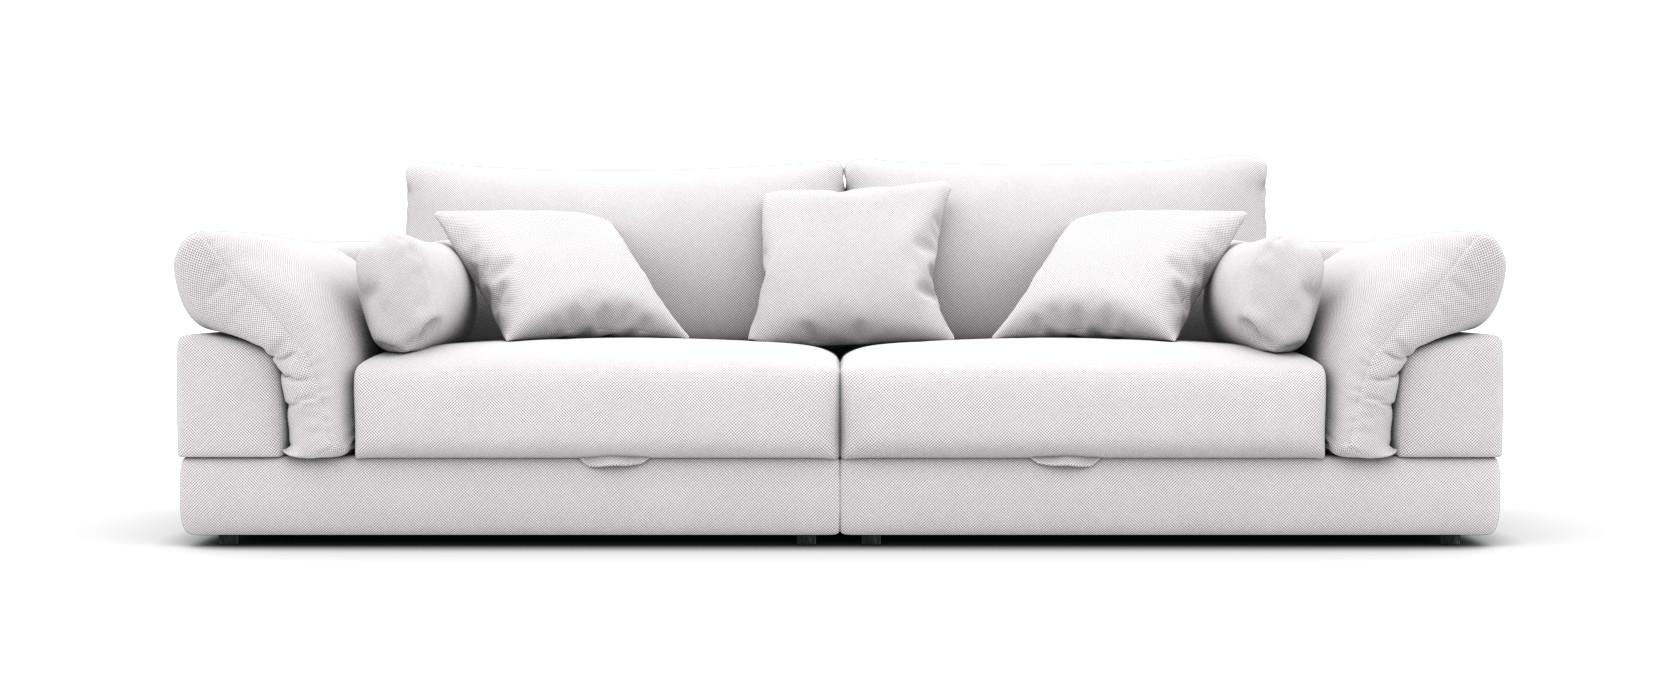 Трехместный диван Claudia - Фото 1 - Pufetto